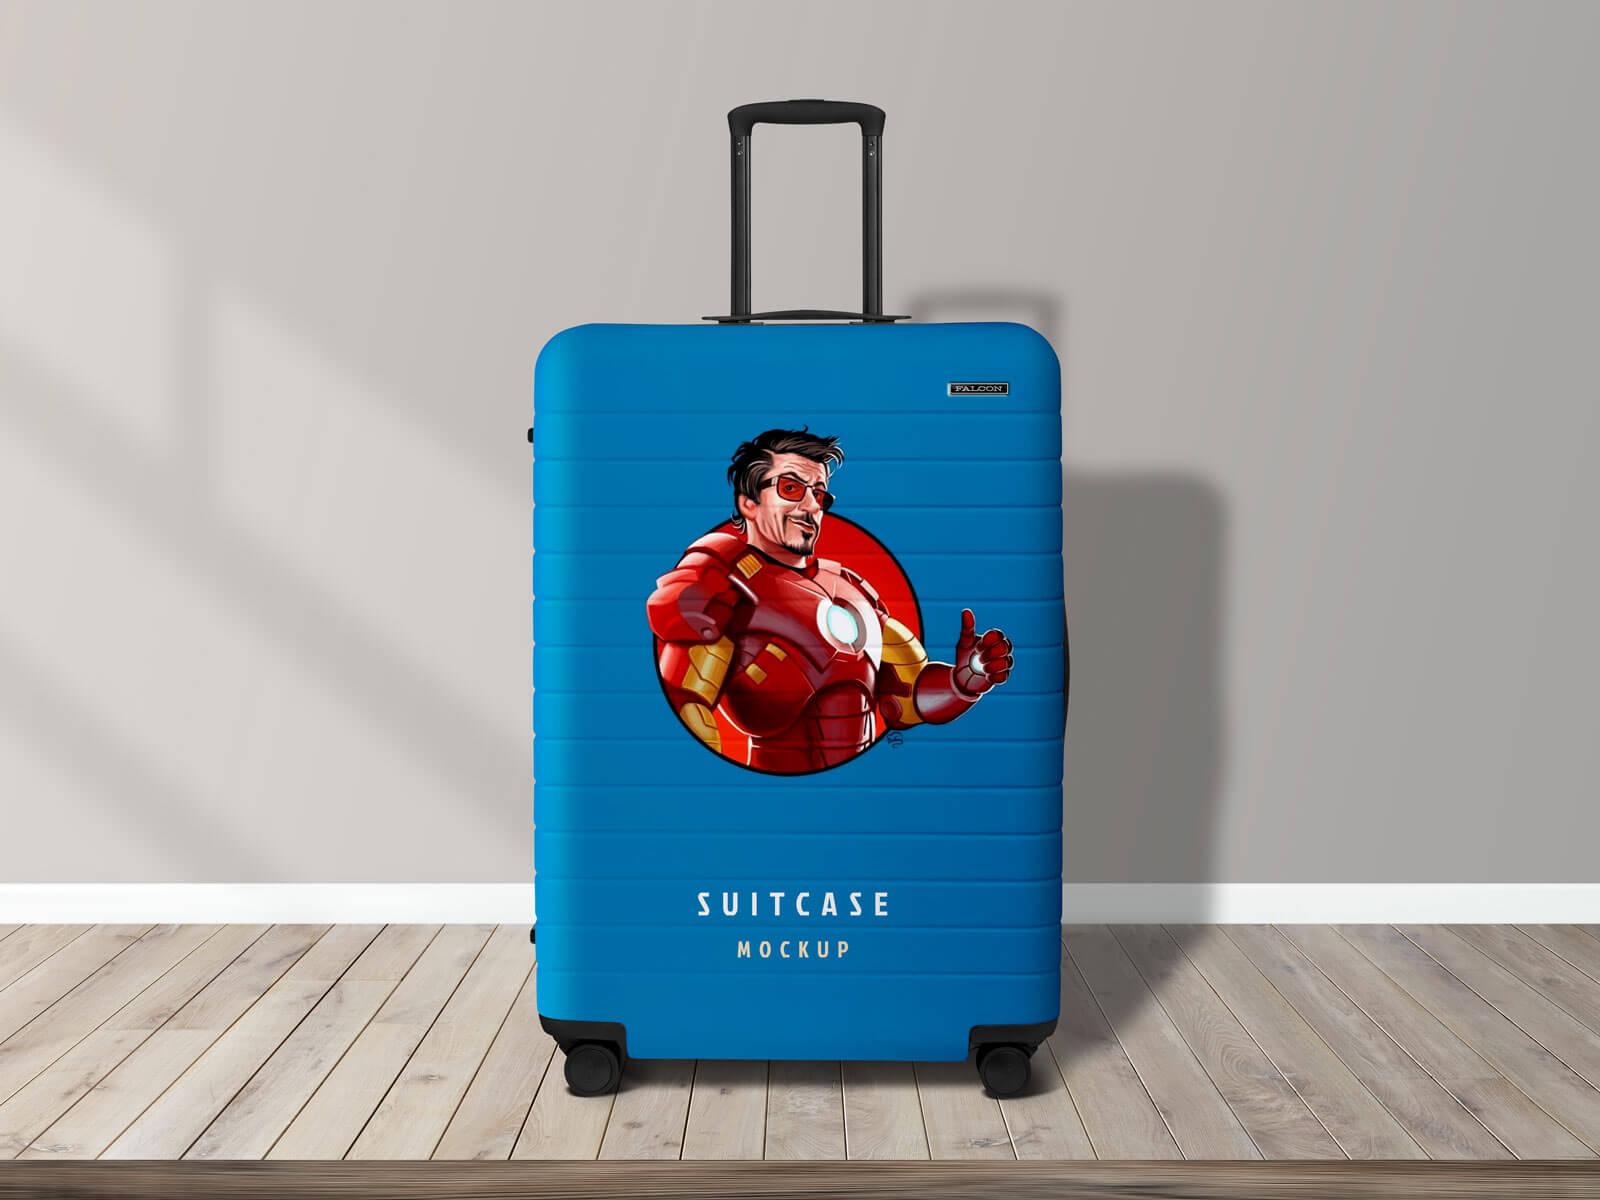 Free-Travel-Luggage-Suitcase-Mockup-PSD-2